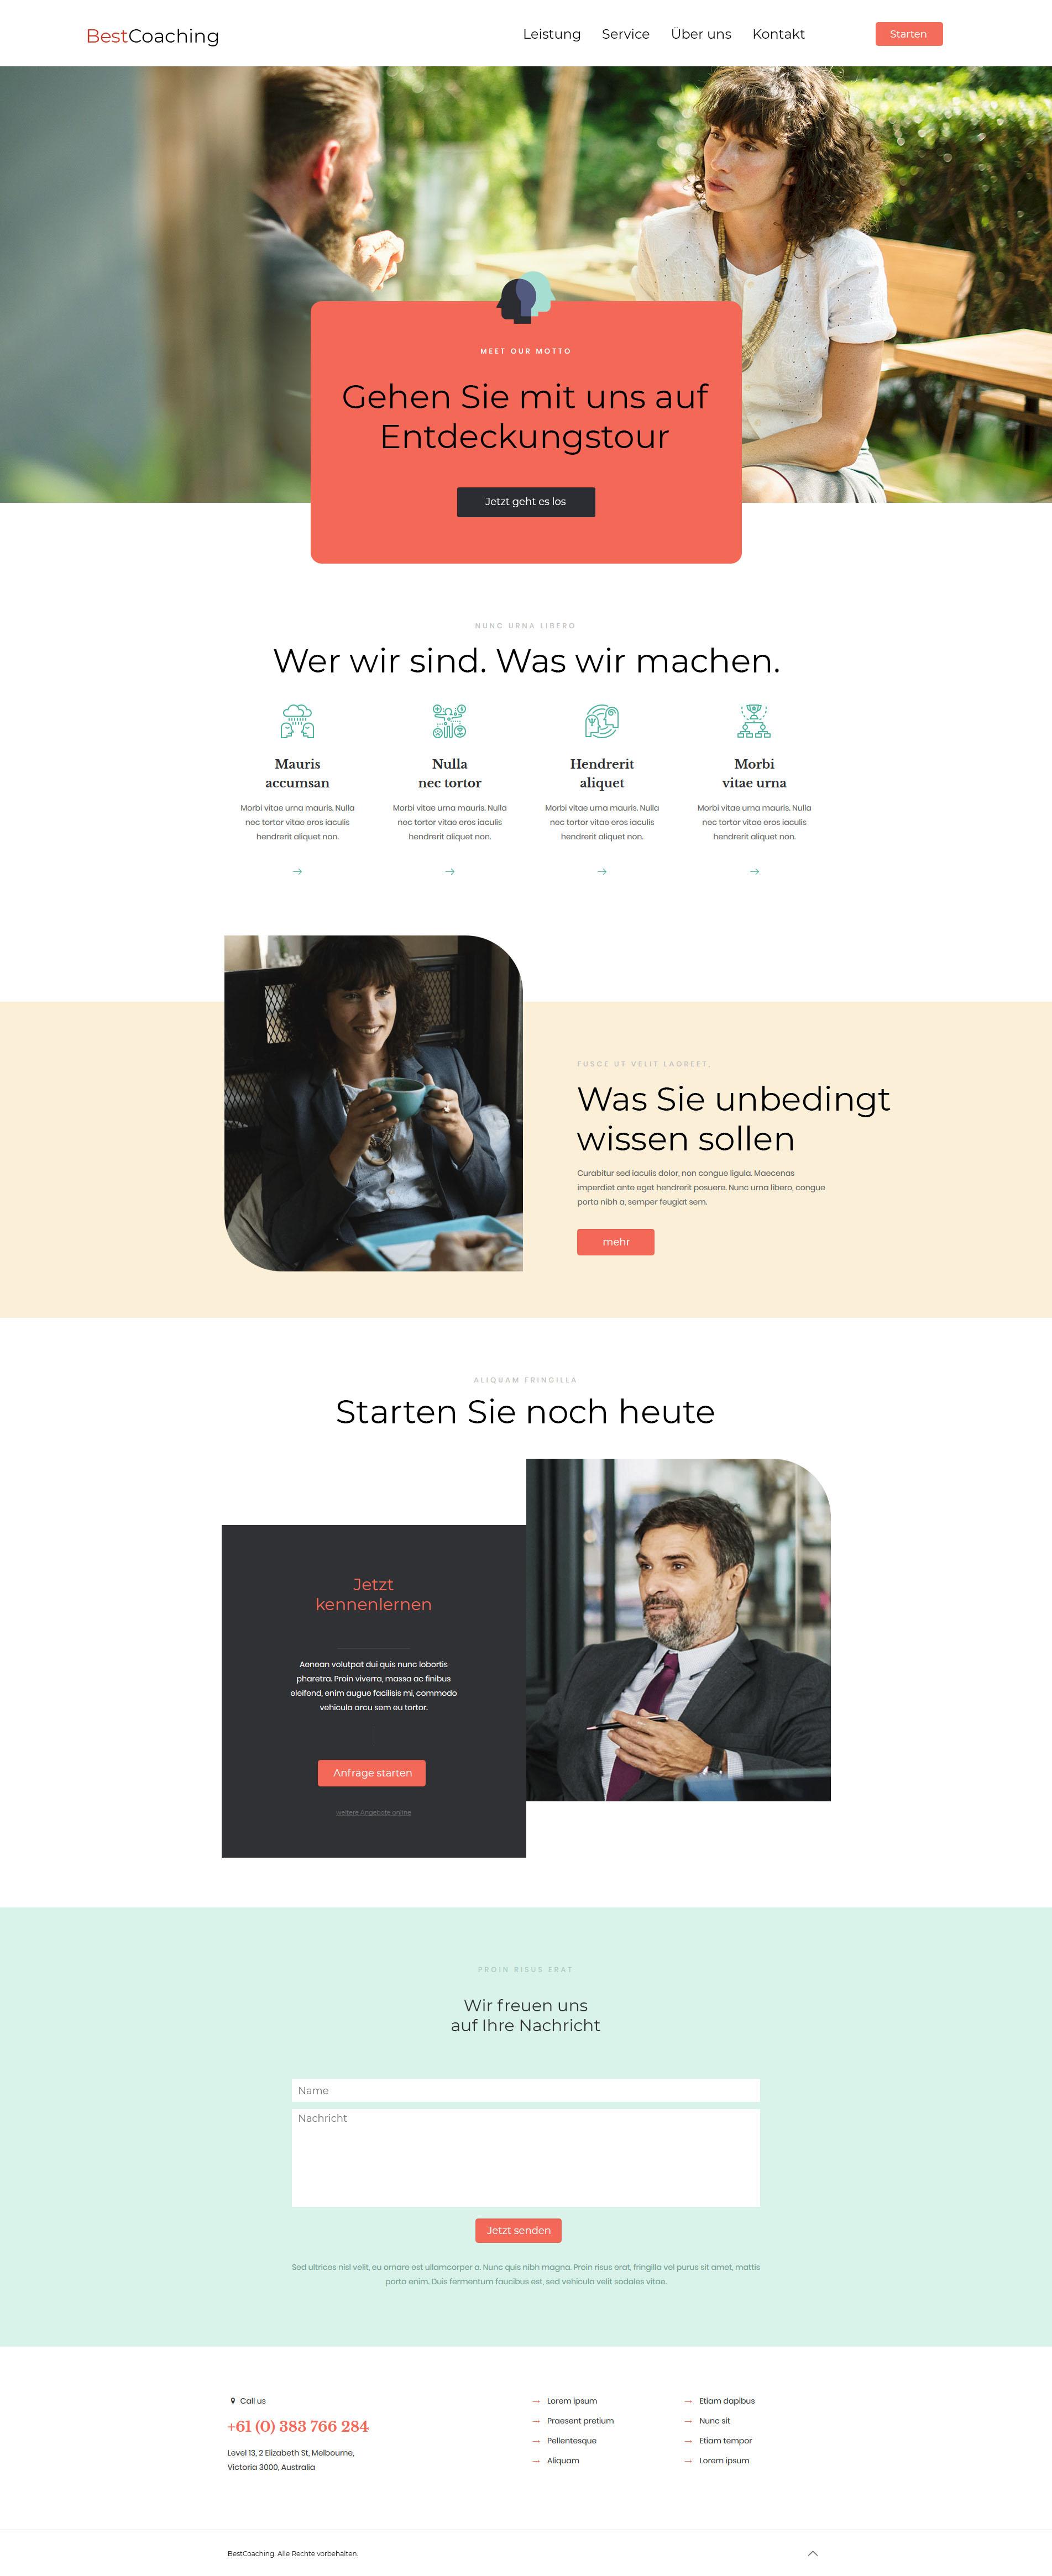 Webseite Template Vorlage Beispiel Referenz